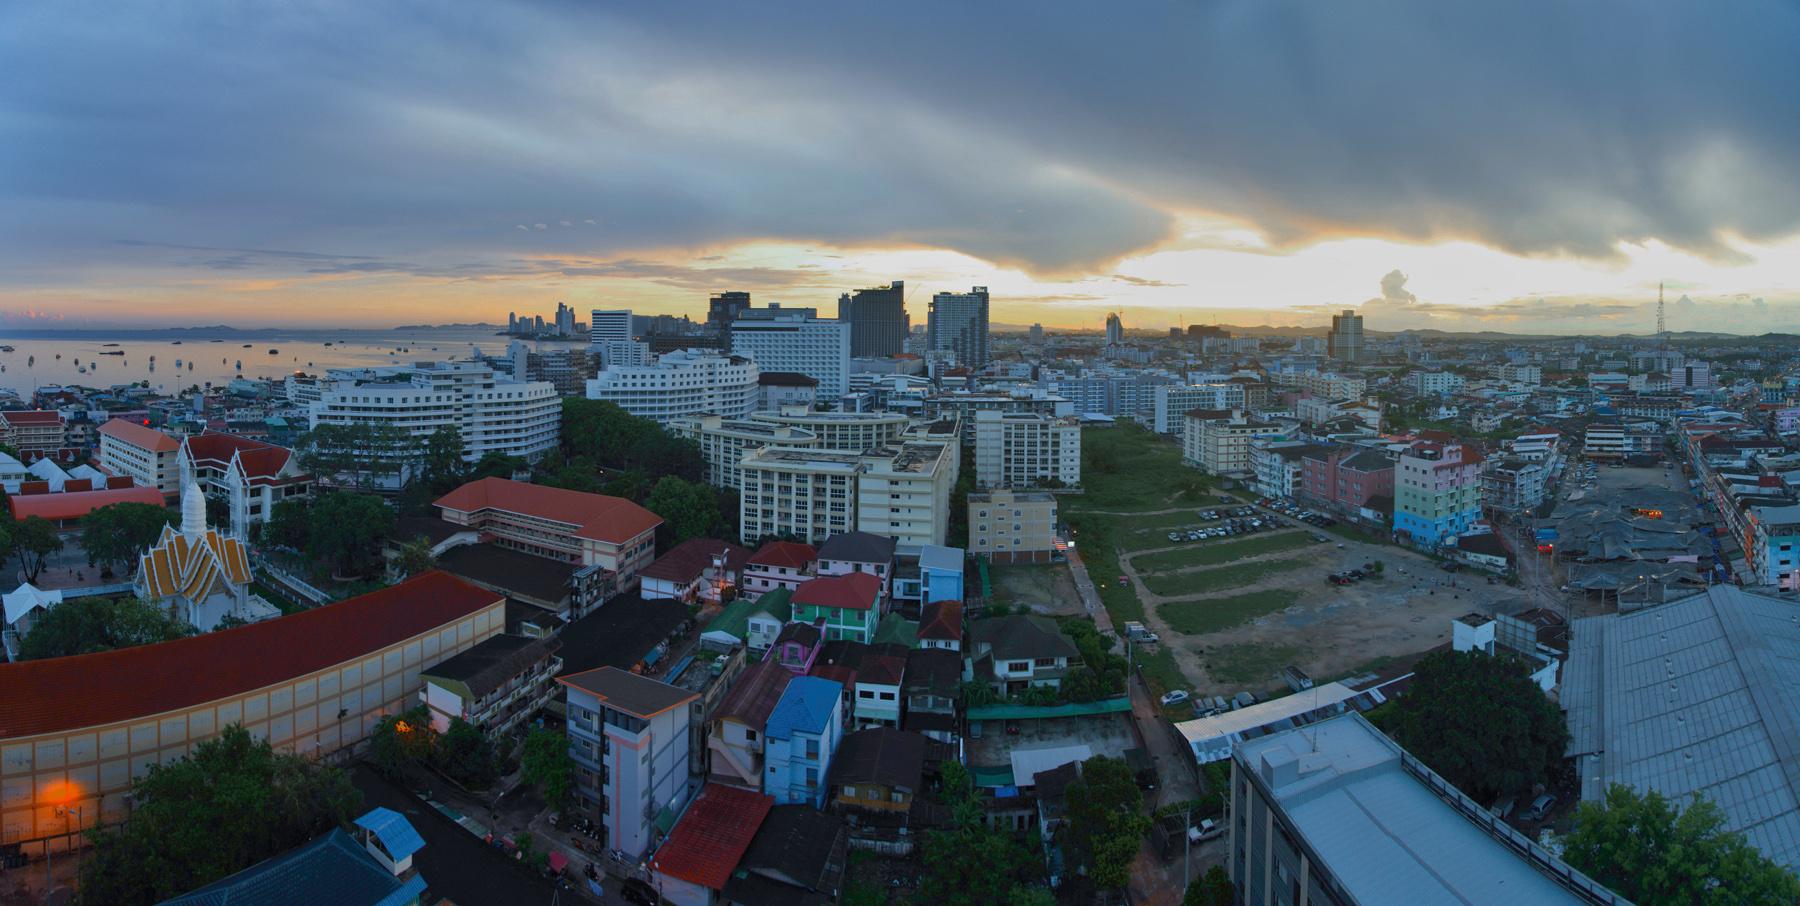 2021_04_Pattaya_01 - 05a_ji.jpg